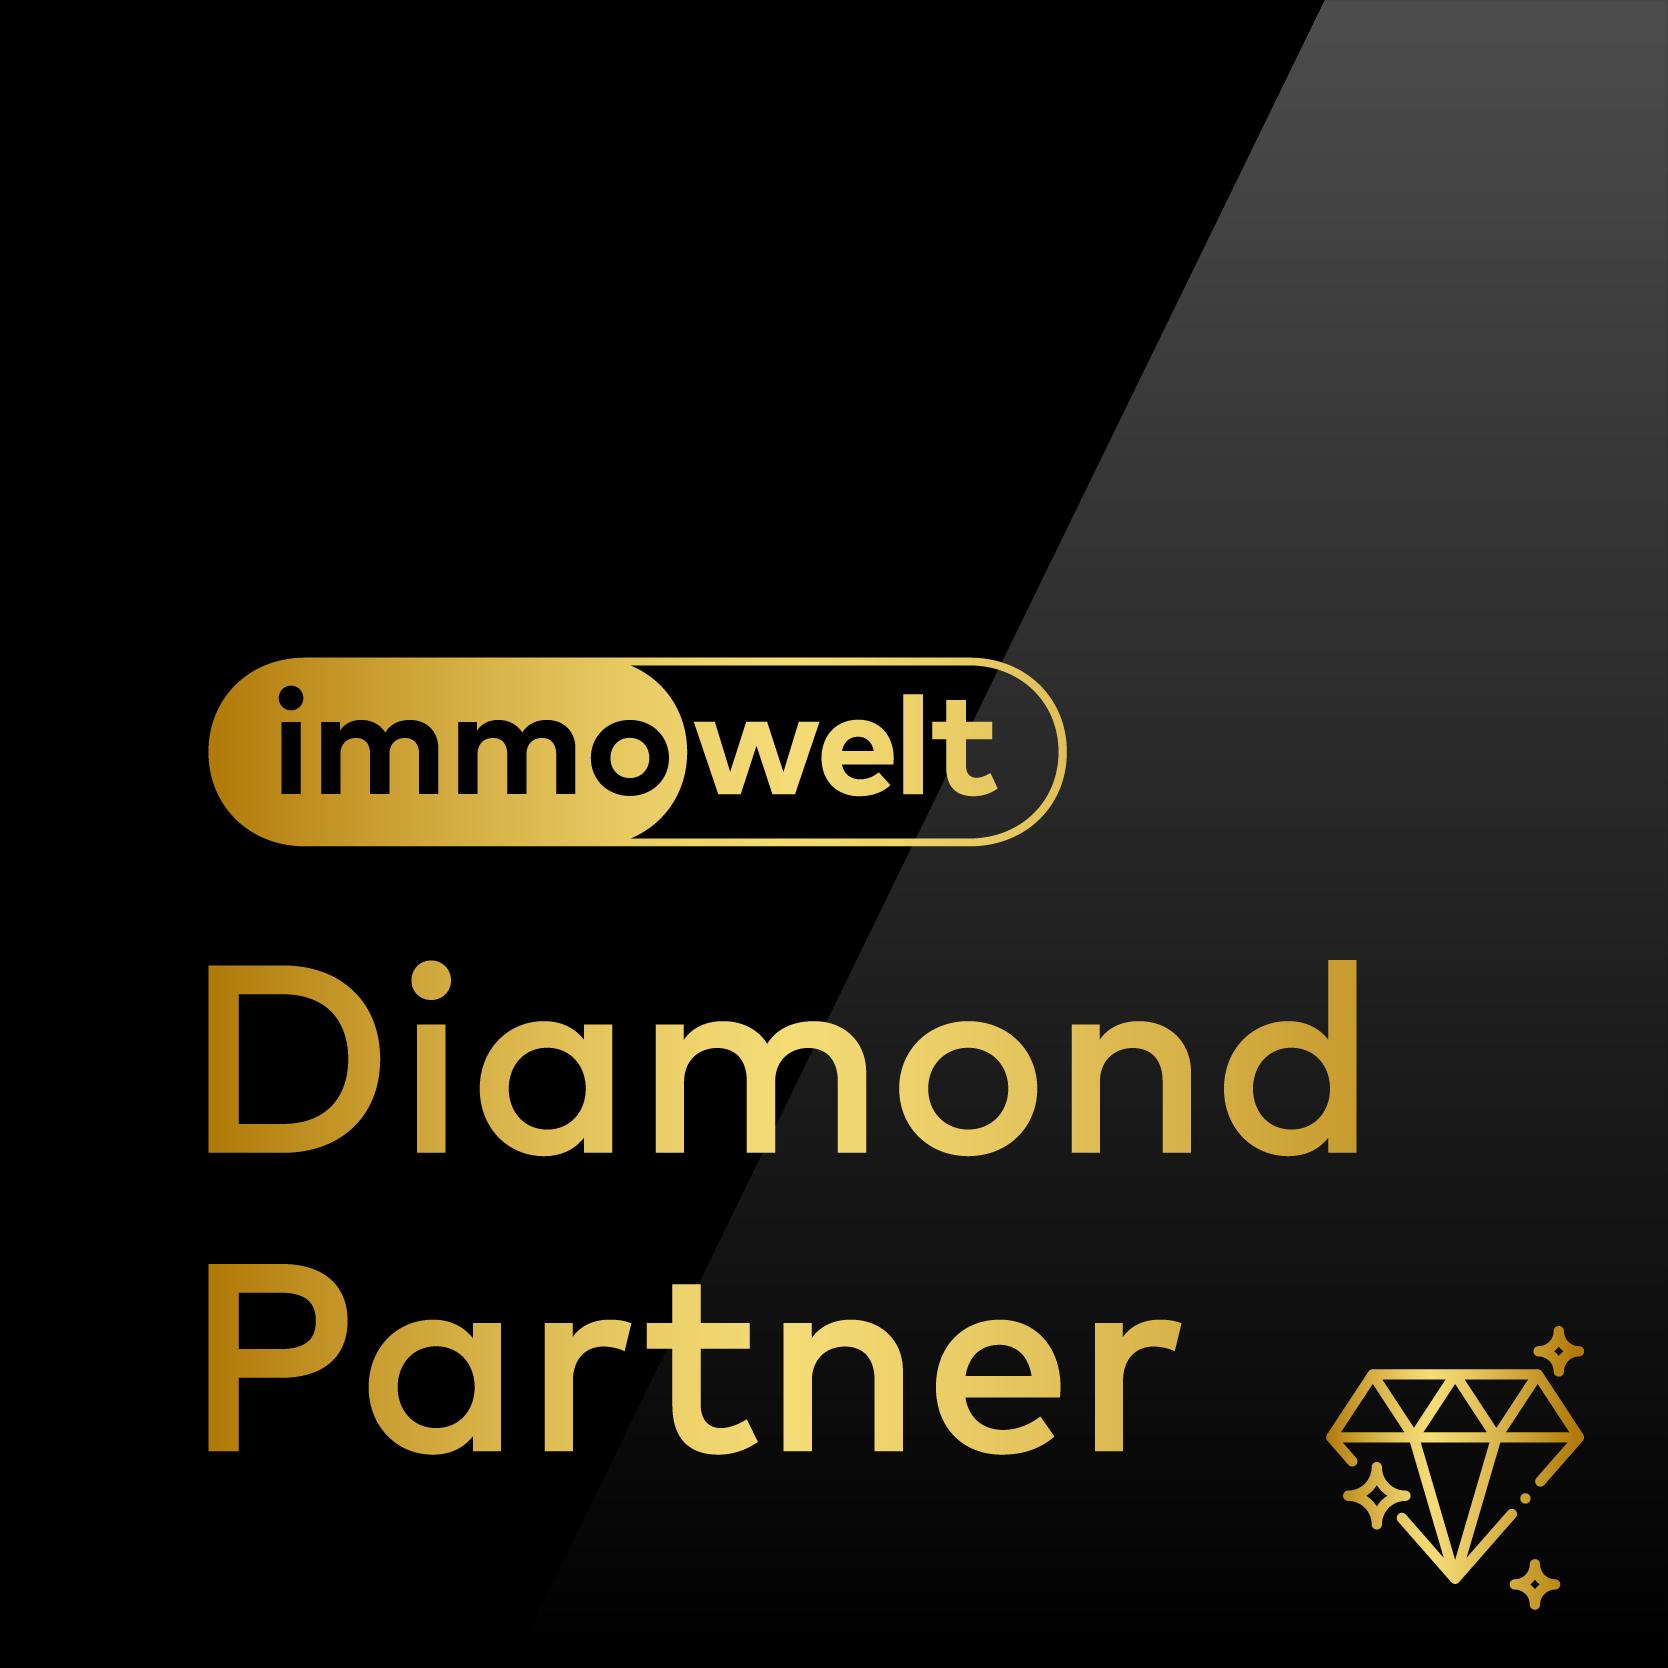 Immowelt-Diamond-Partner HUNDERTRAUM Immobilien - Christian Oster